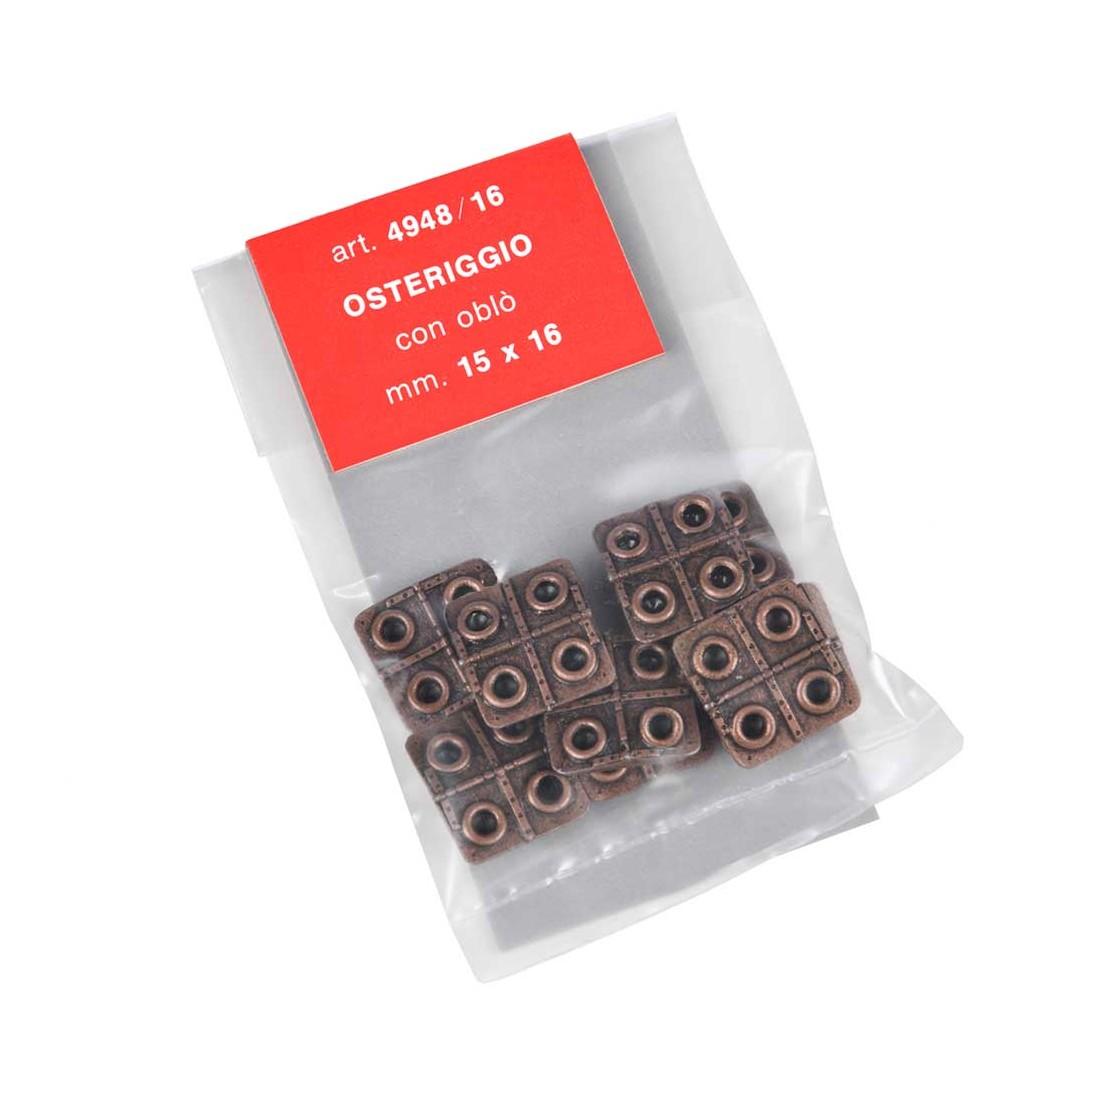 Claires-voies métal 15x16 mm.